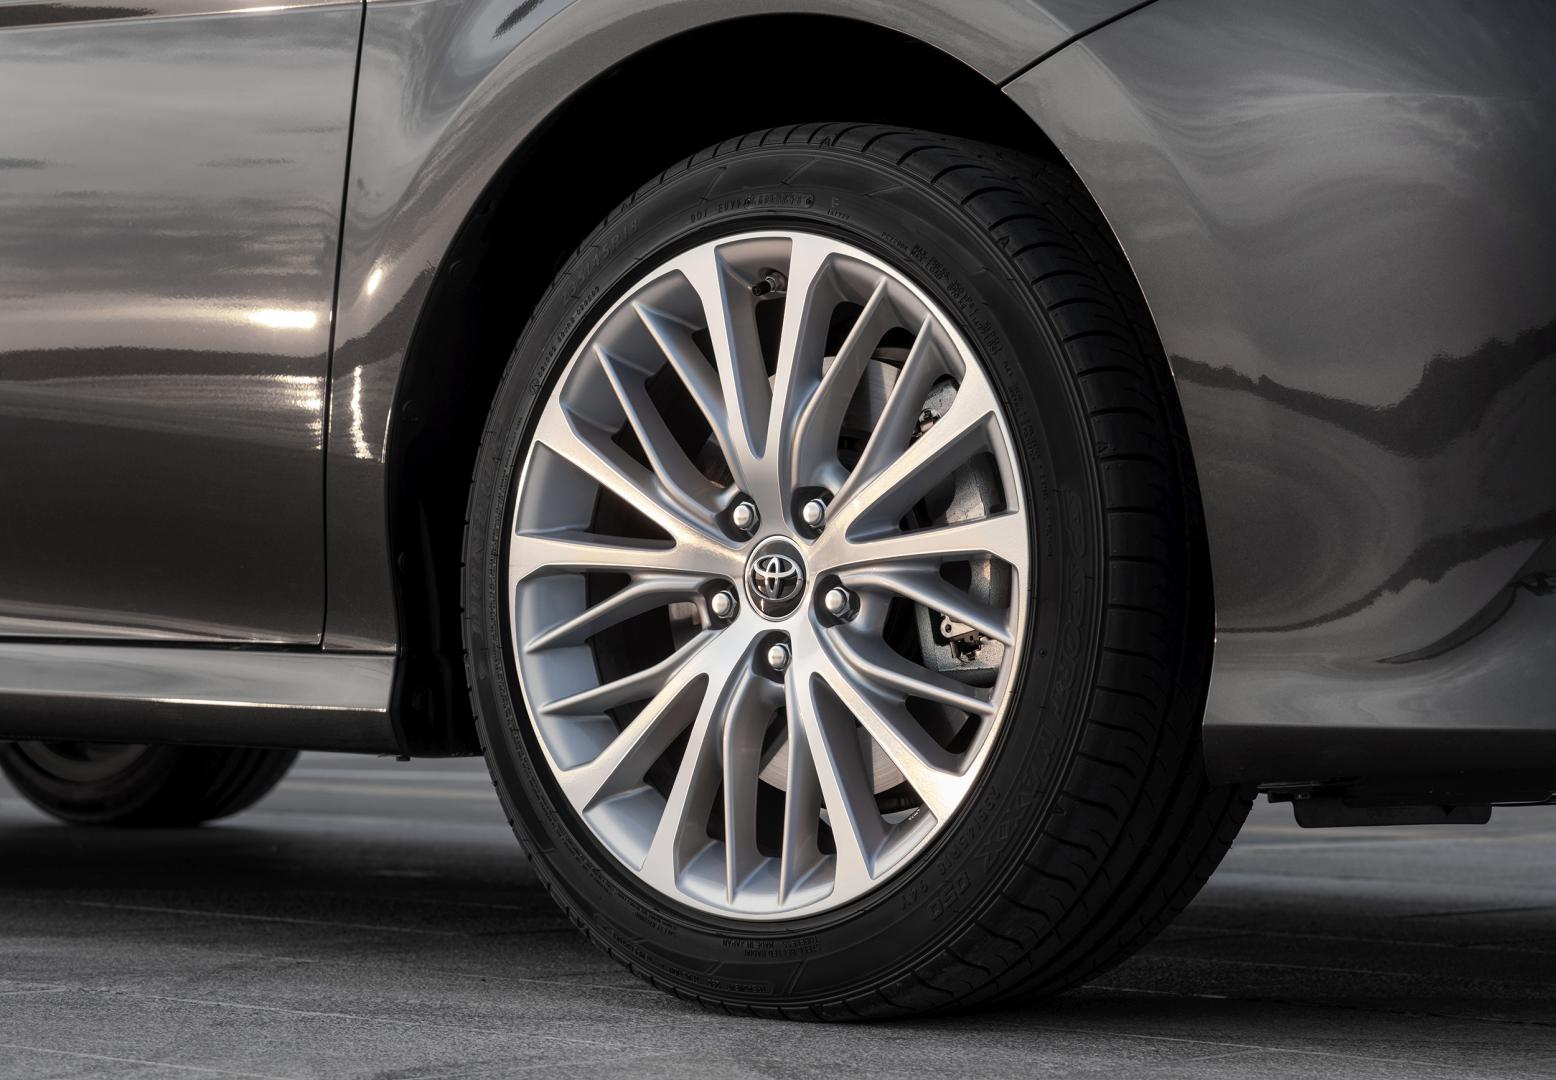 Toyota Camry Hybrid Premium - test 2019 velg wiel